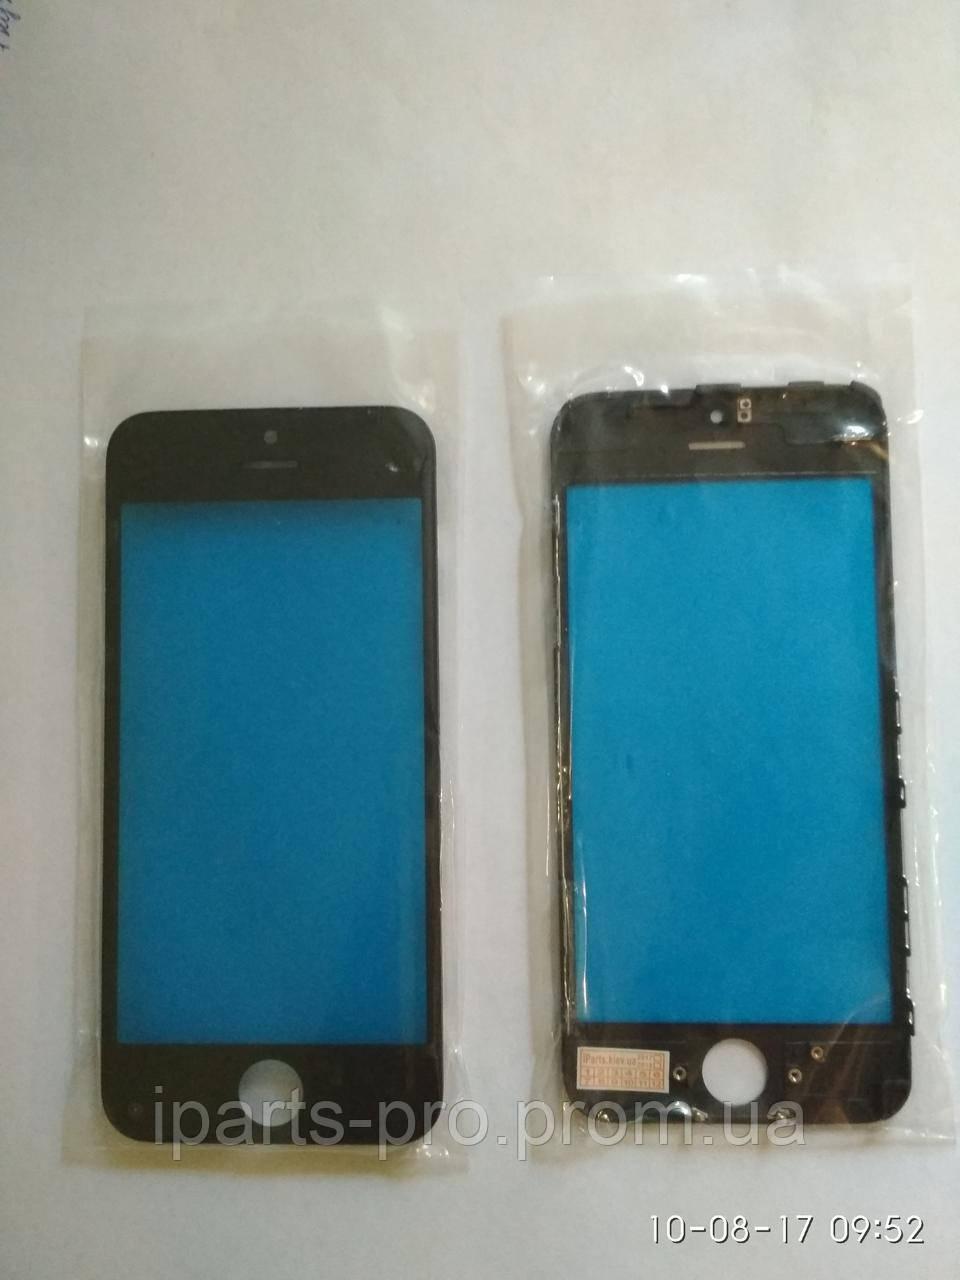 Стекло для iPhone5С + Frame Orig ЧЕРНЫЙ (для ремонта битого модуля)